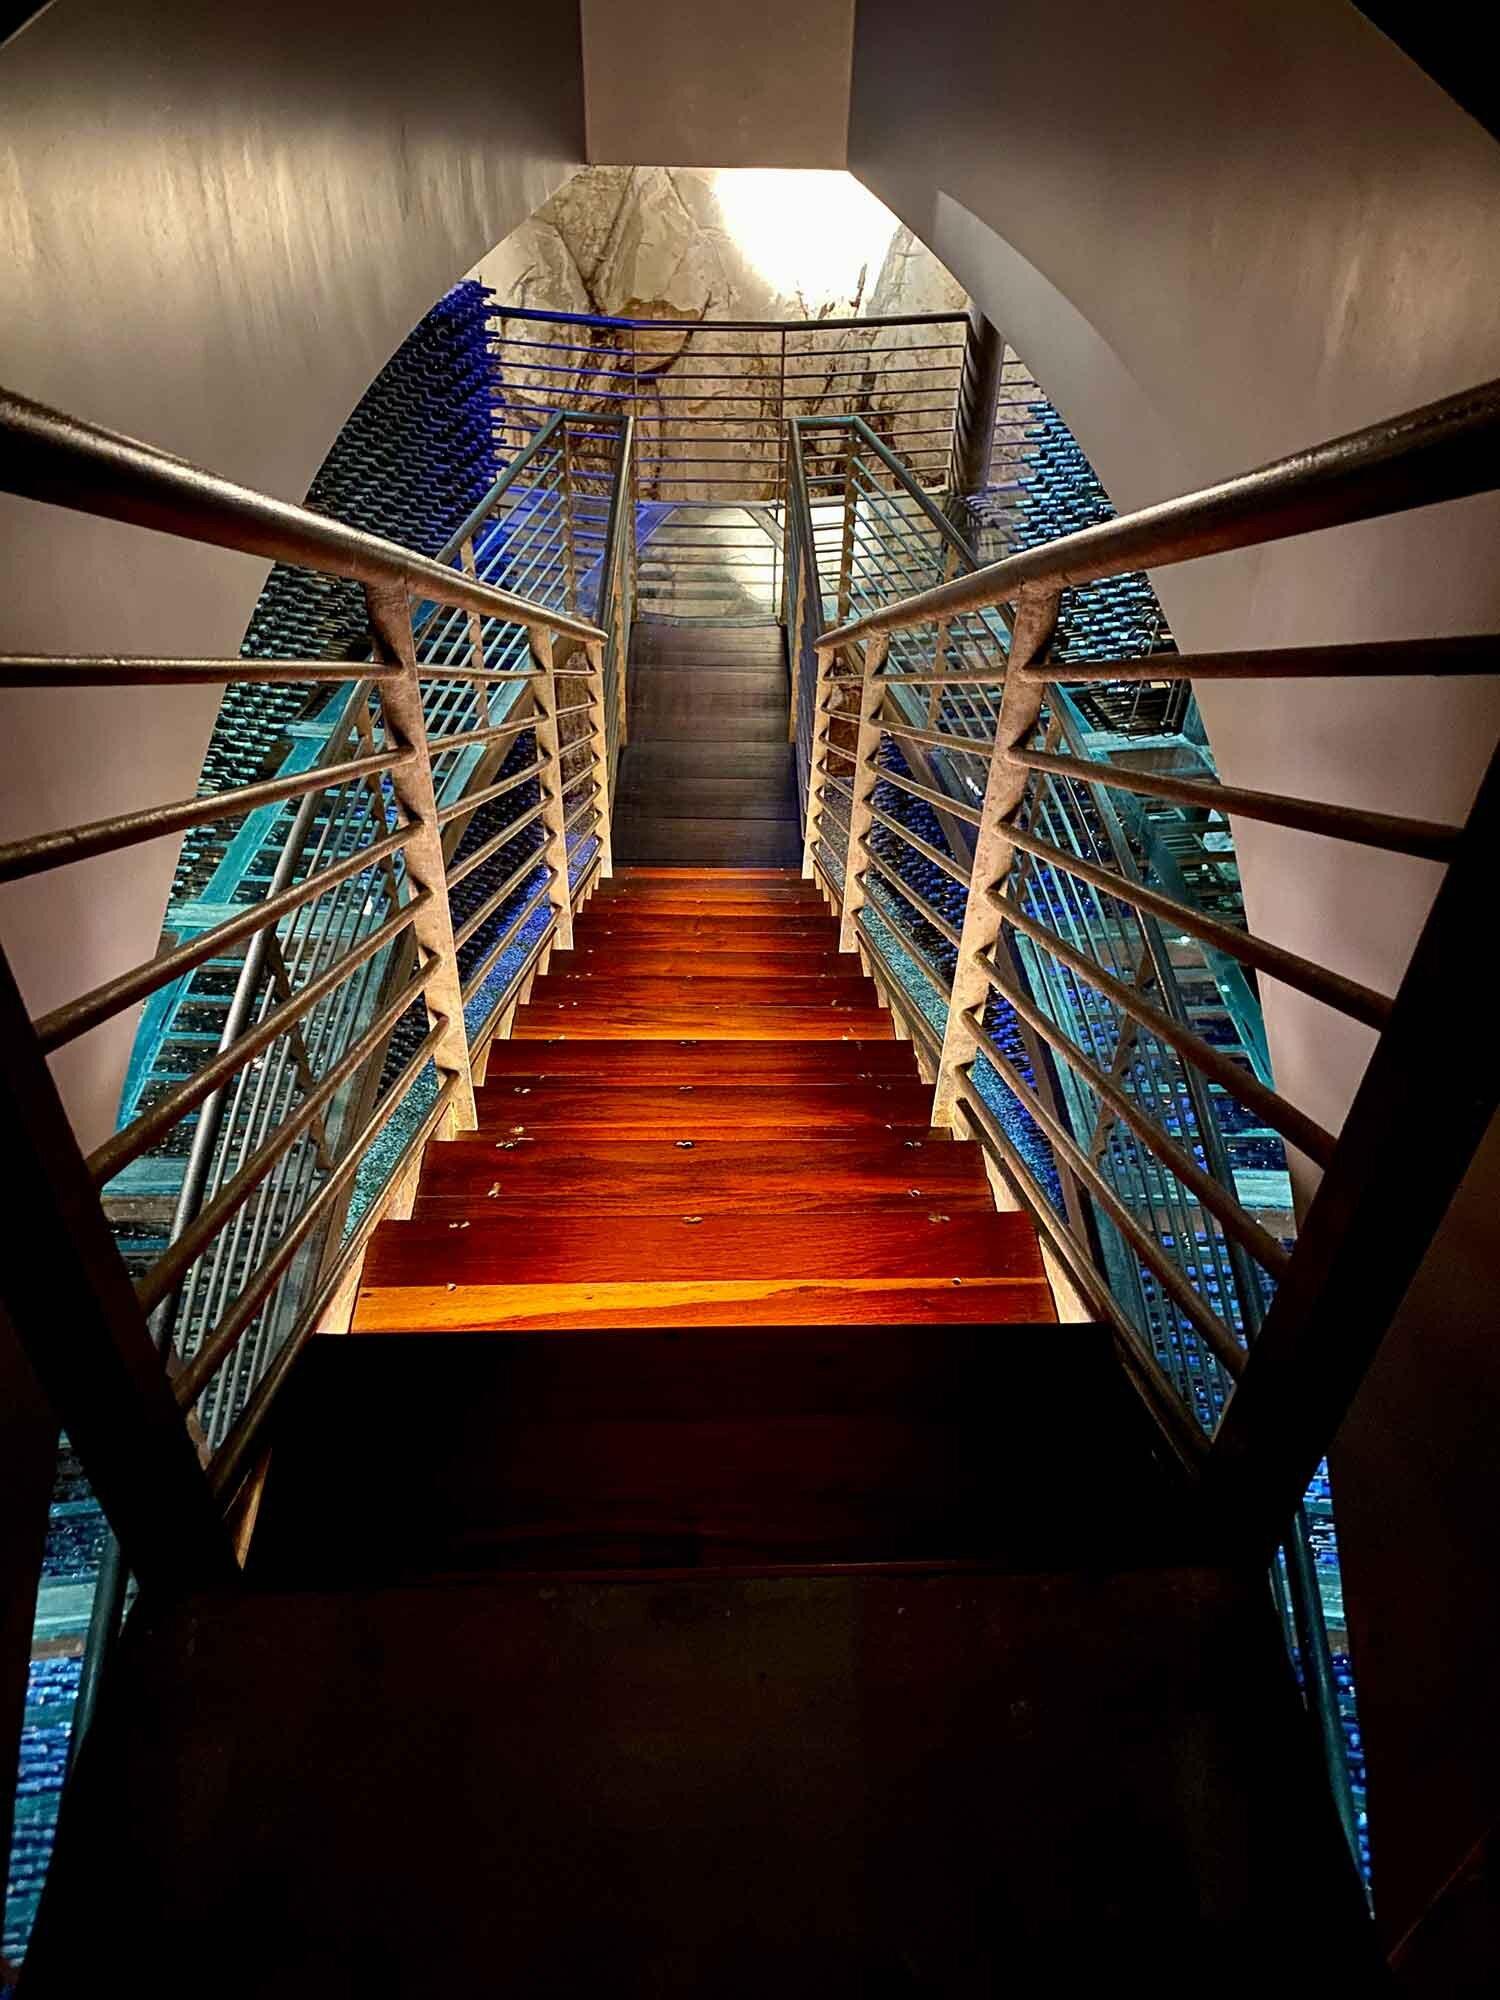 Clos Apalta / Lapostelle private wine cellars